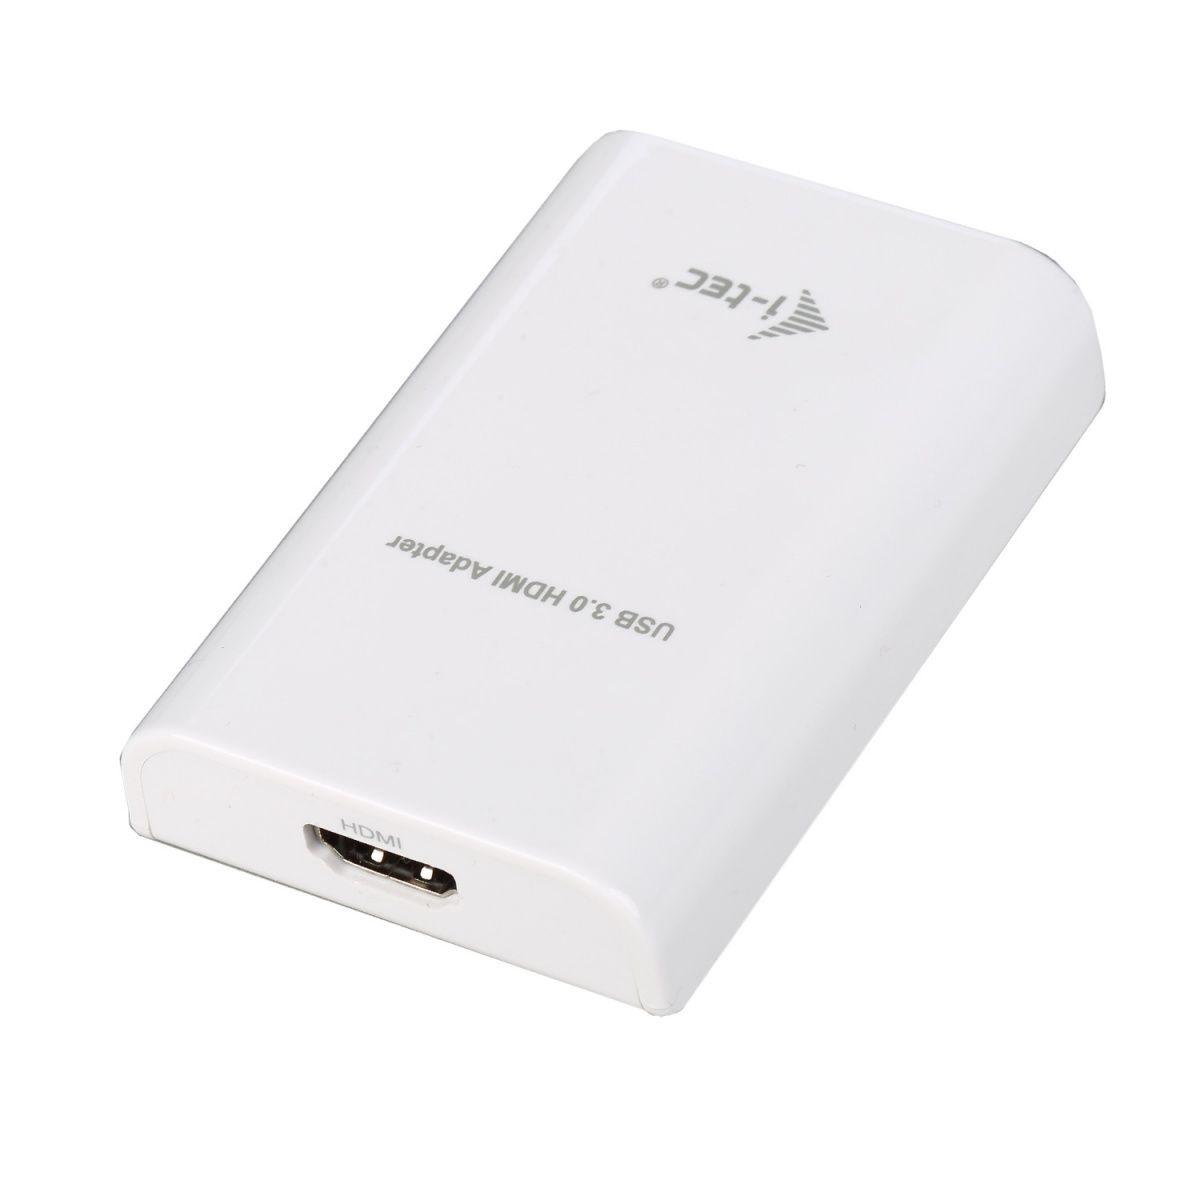 iTec i-tec USB3.0 HDMI Adapter FullHD+ 1152p Konwerter Portu HDMI na USB 3.0